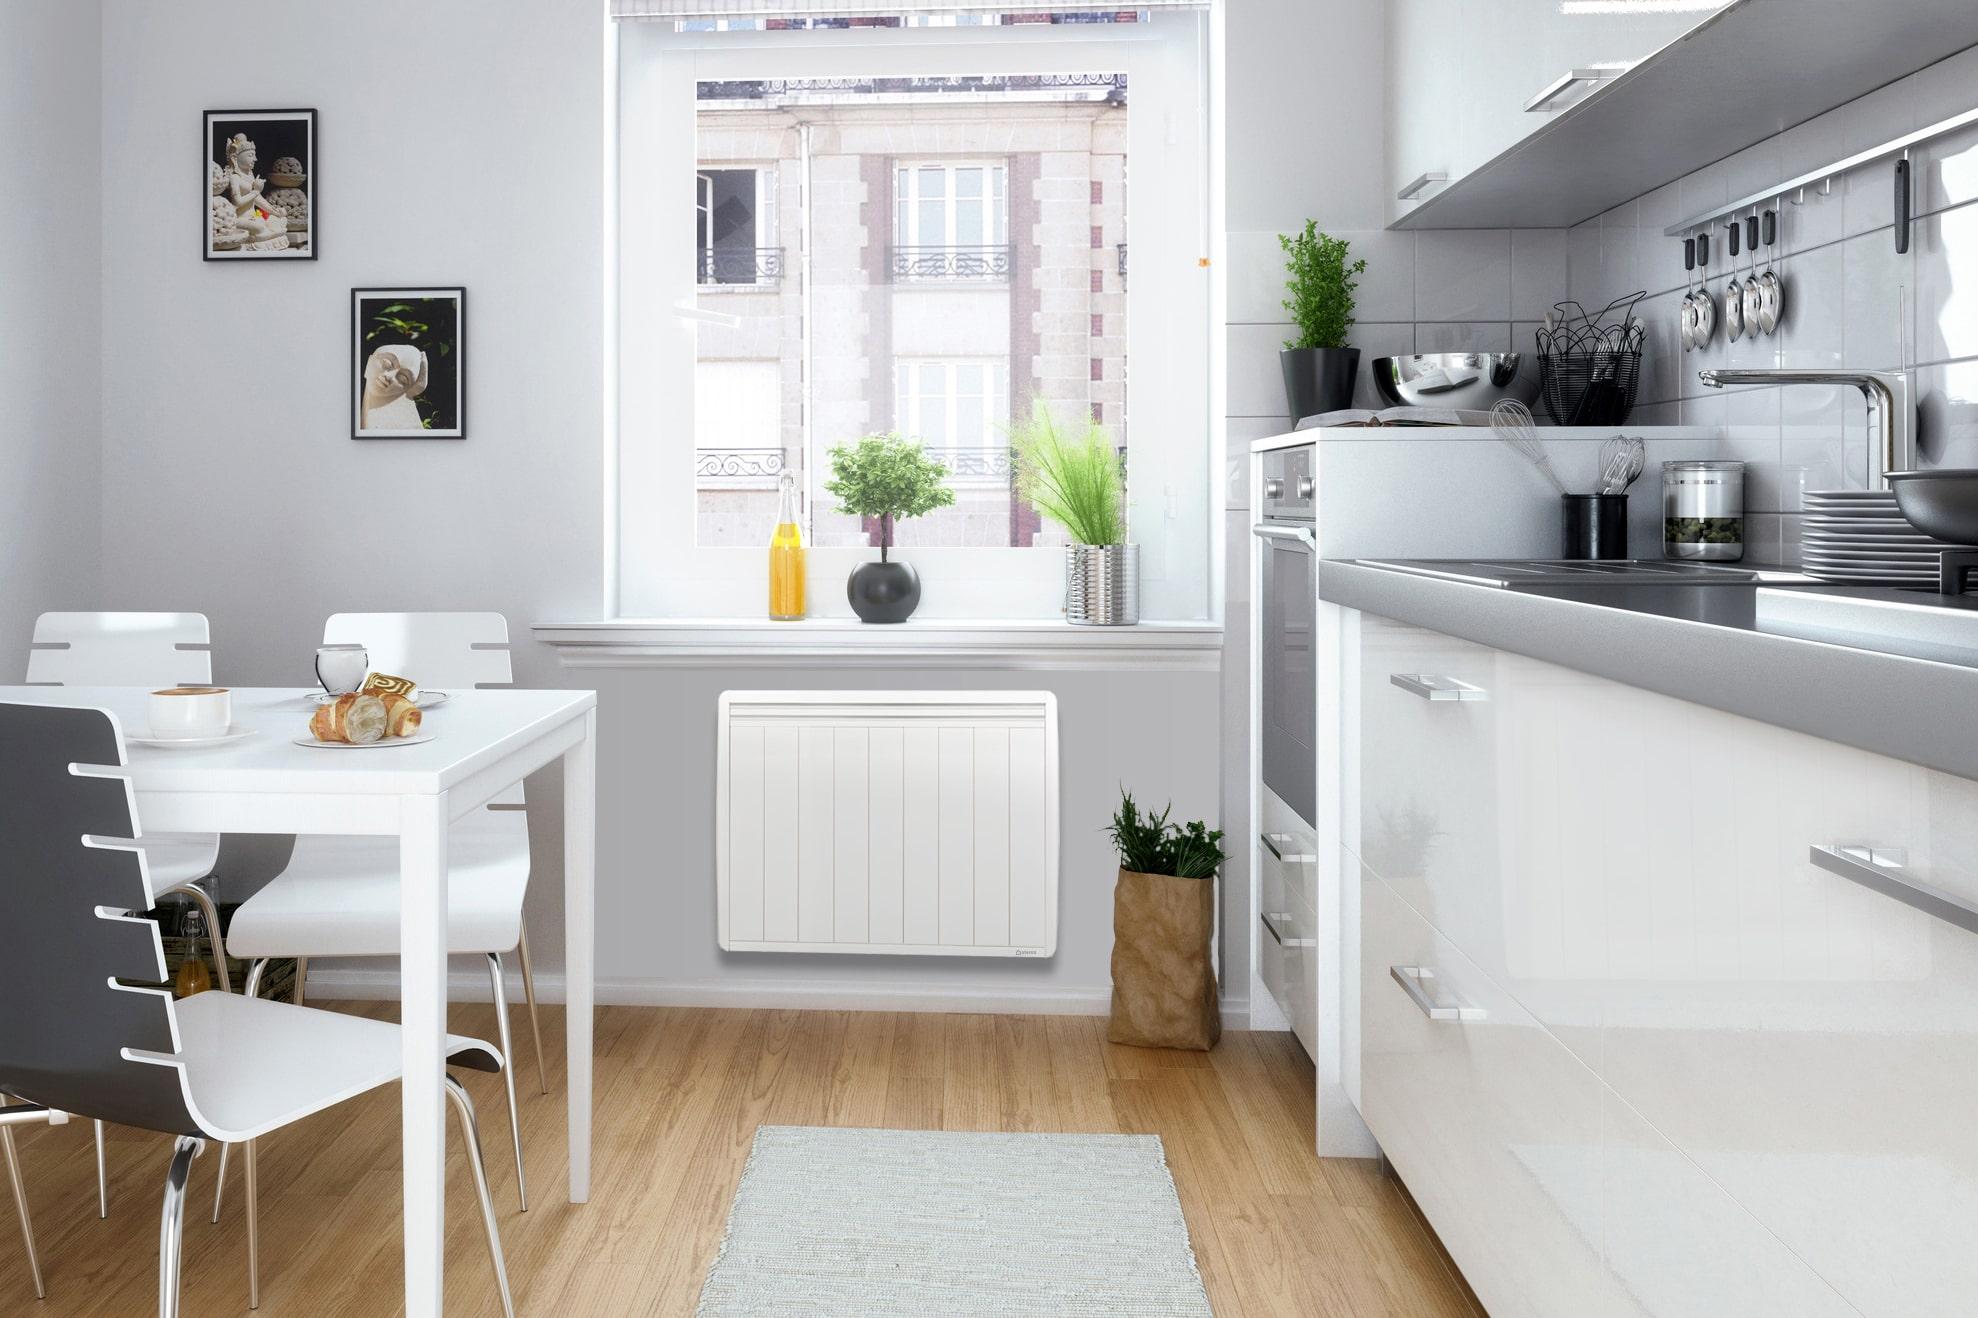 comment chauffer une cuisine ouverte. Black Bedroom Furniture Sets. Home Design Ideas